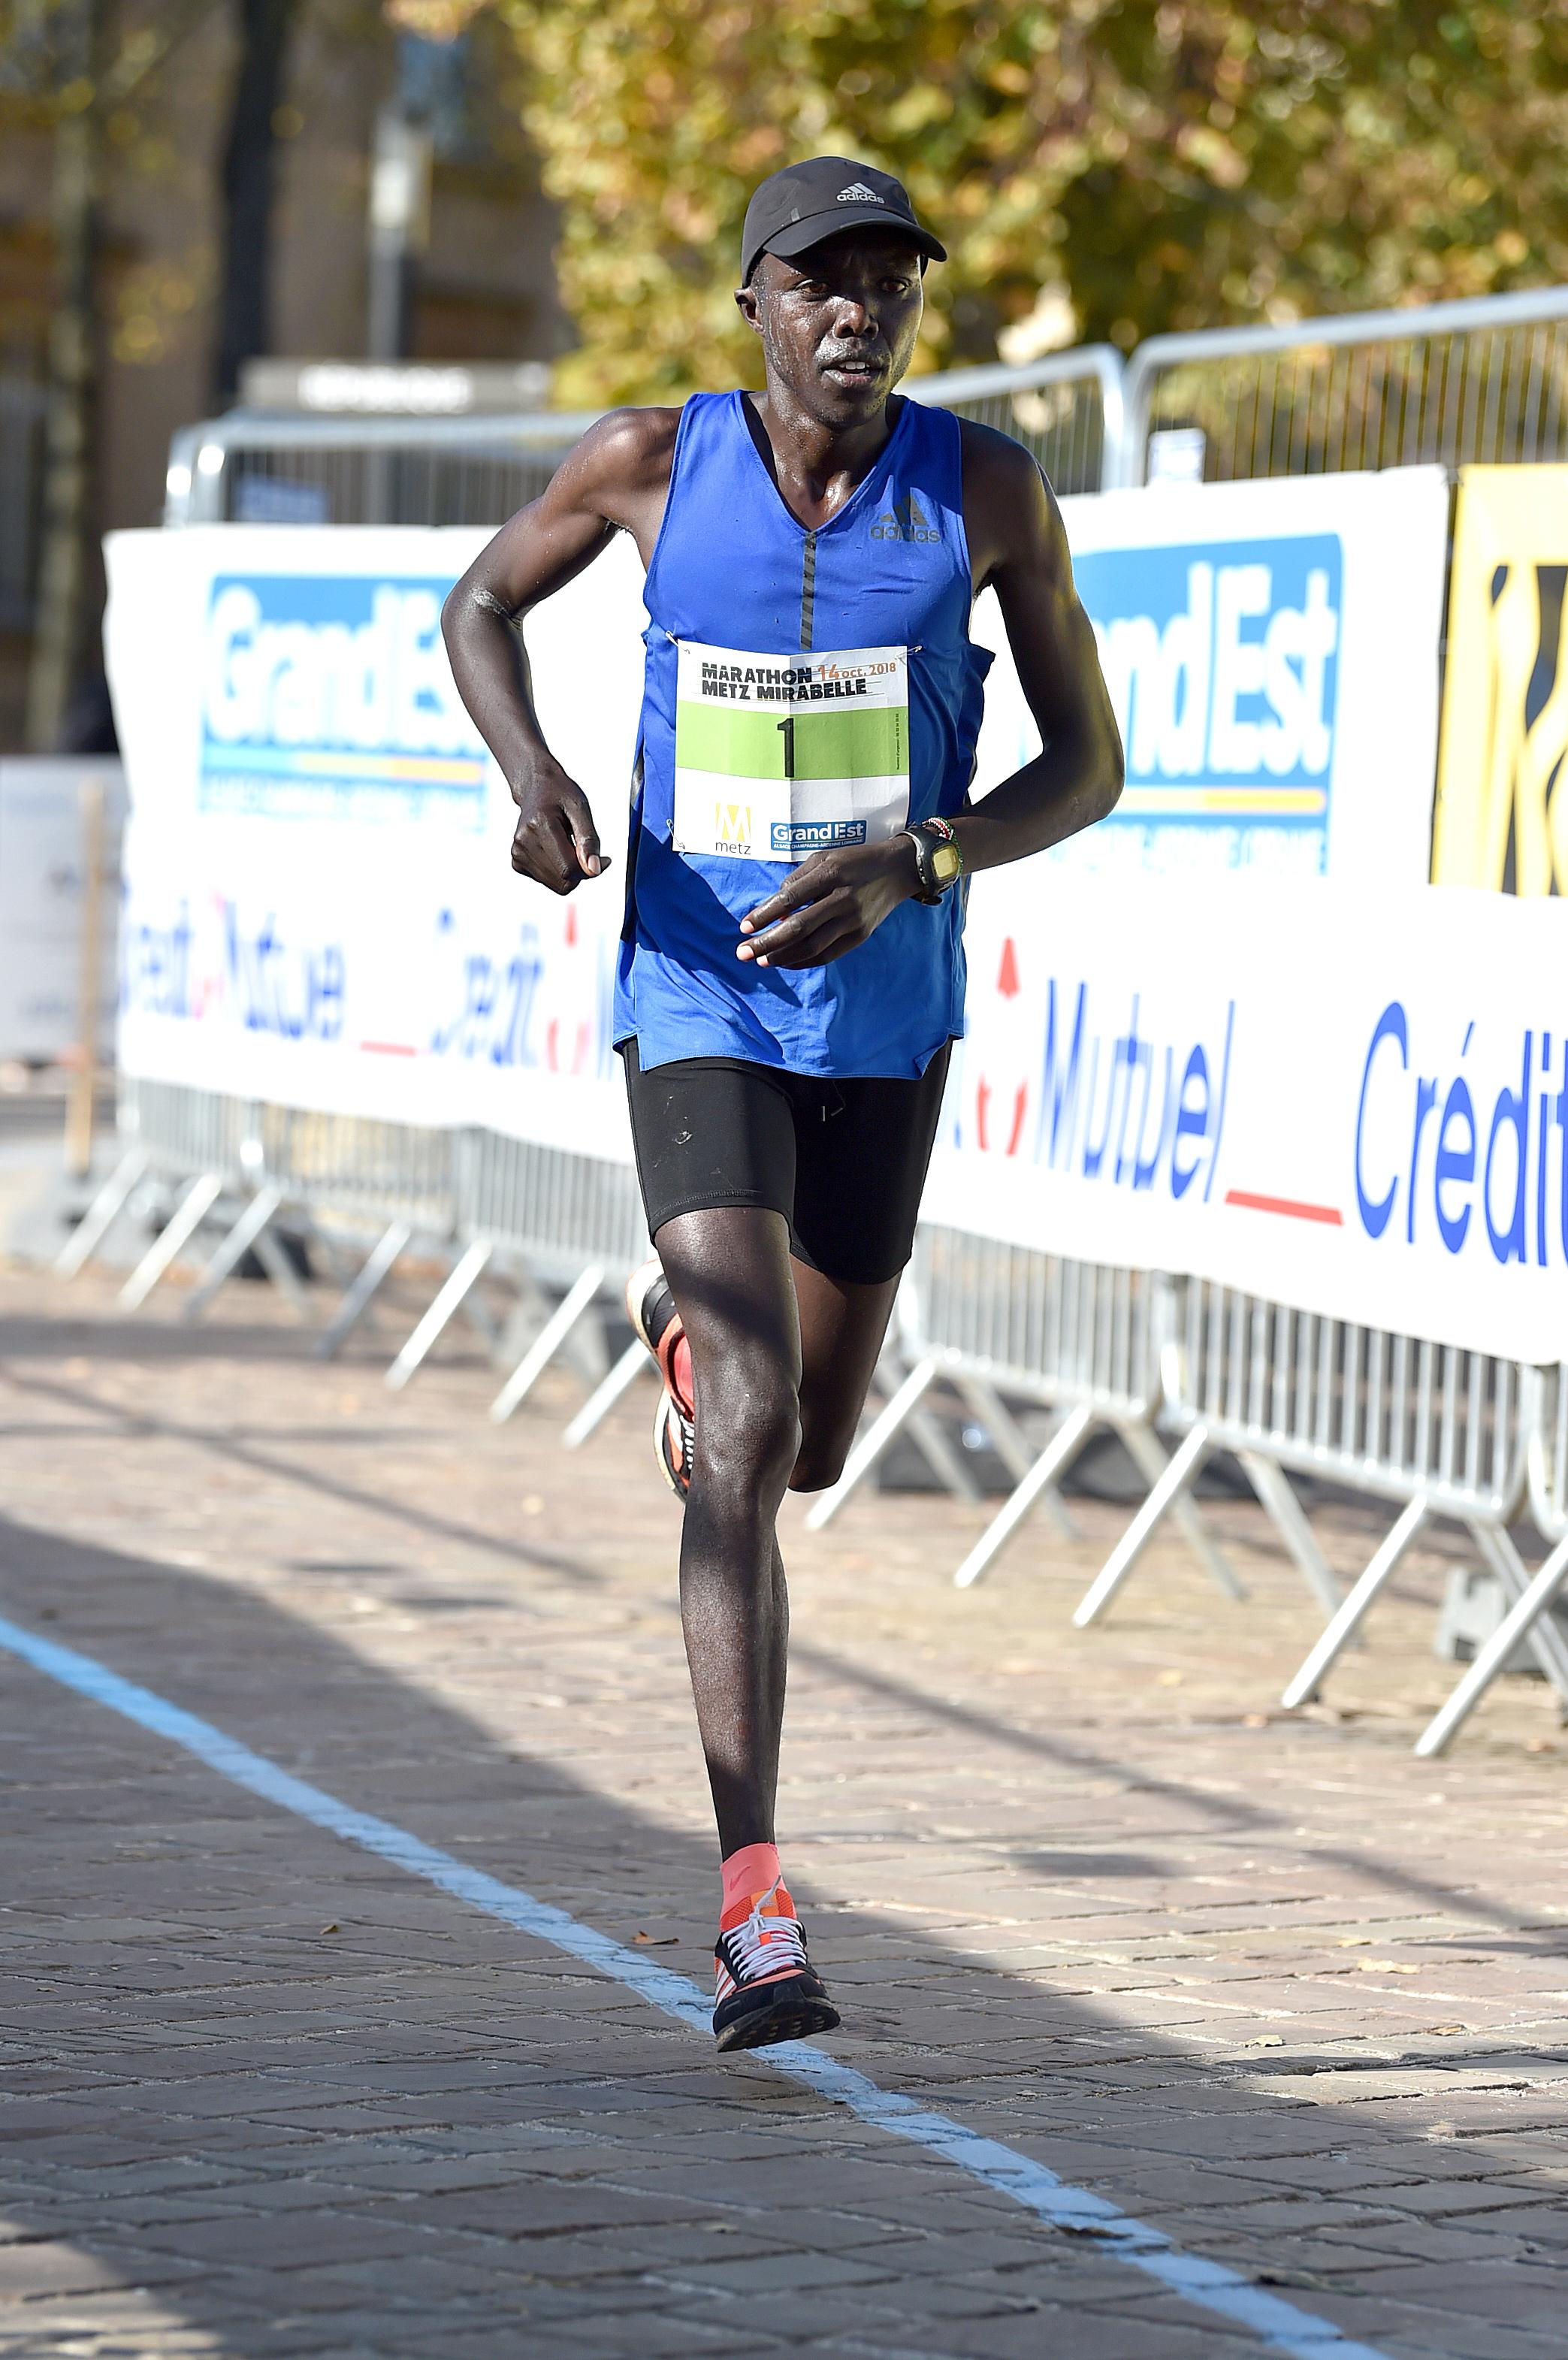 Le Kényan Nicholas Cheruiyot Chumba remporte l'édition 2018 du Marathon Metz Mirabelle